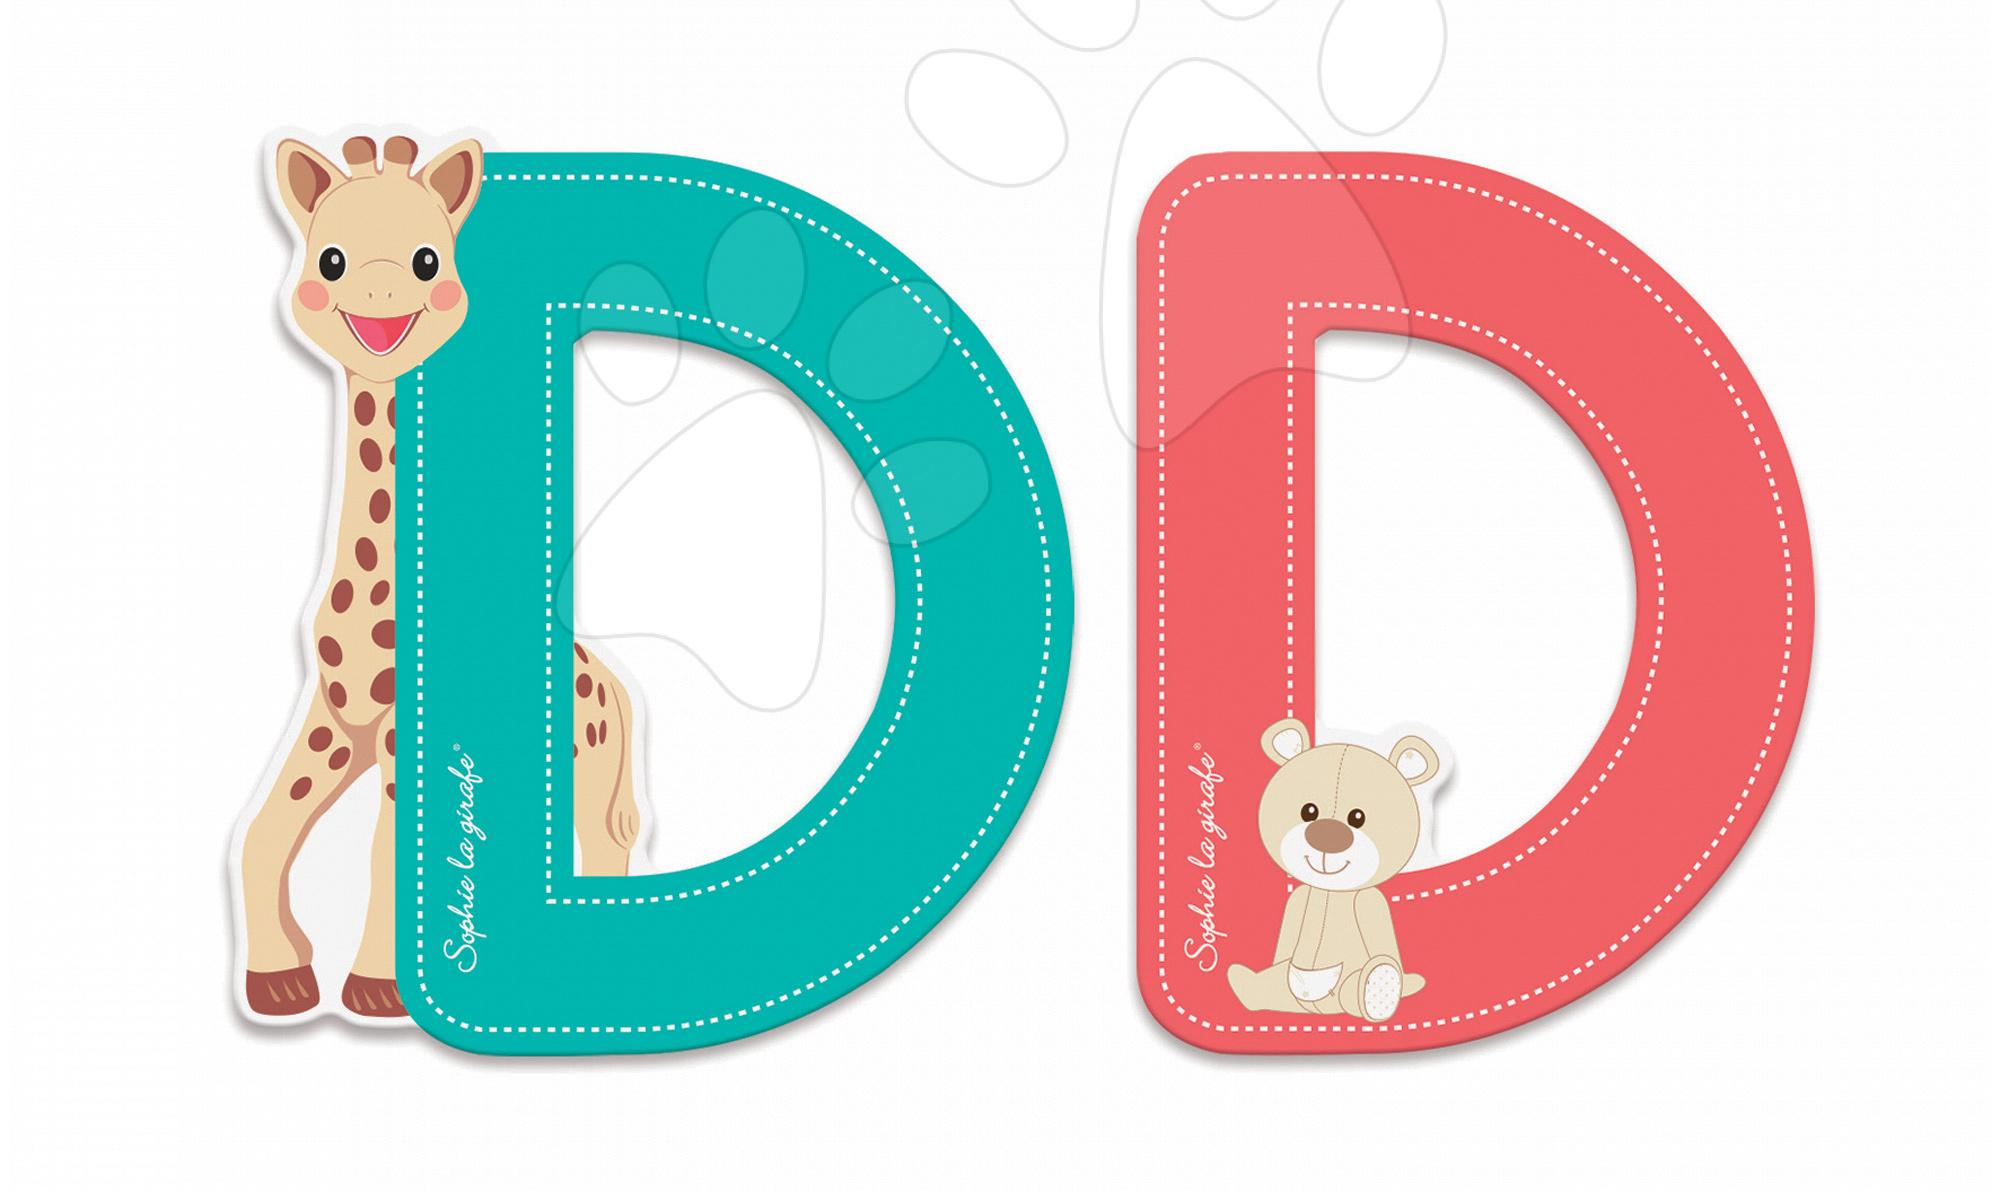 Dekorácie do detských izieb - Drevené písmeno D Sophie The Giraffe Janod lepiace 7 cm tyrkysové/červené od 3 rokov